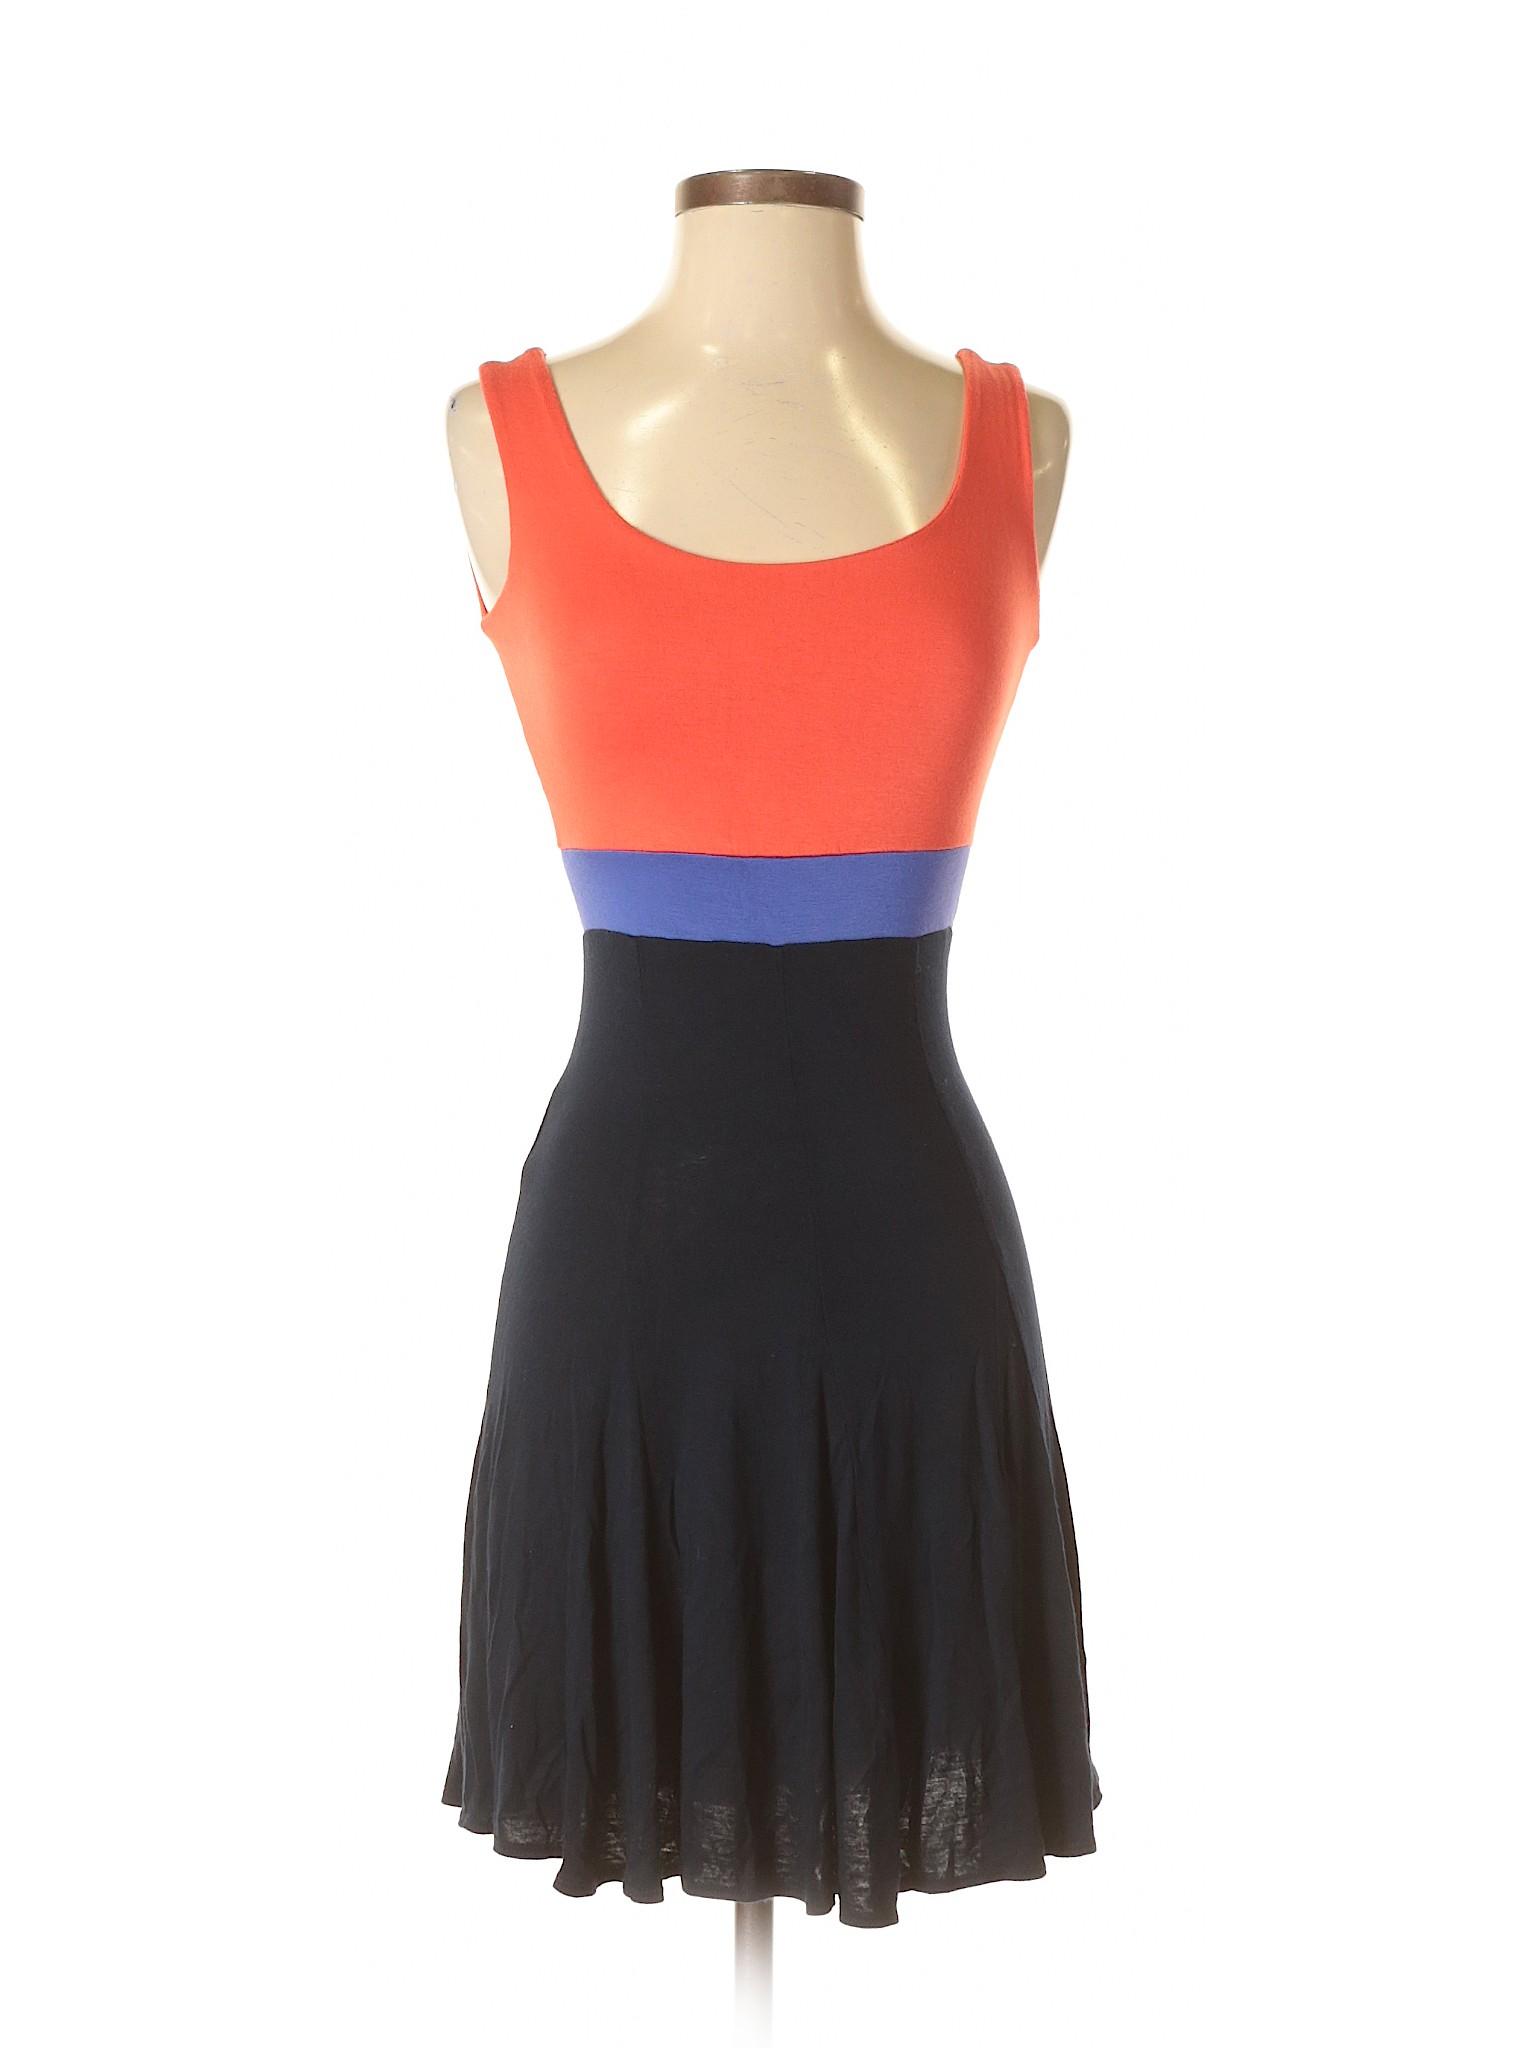 Boutique winter Soprano Dress Soprano Casual Boutique winter 7nz1qf8